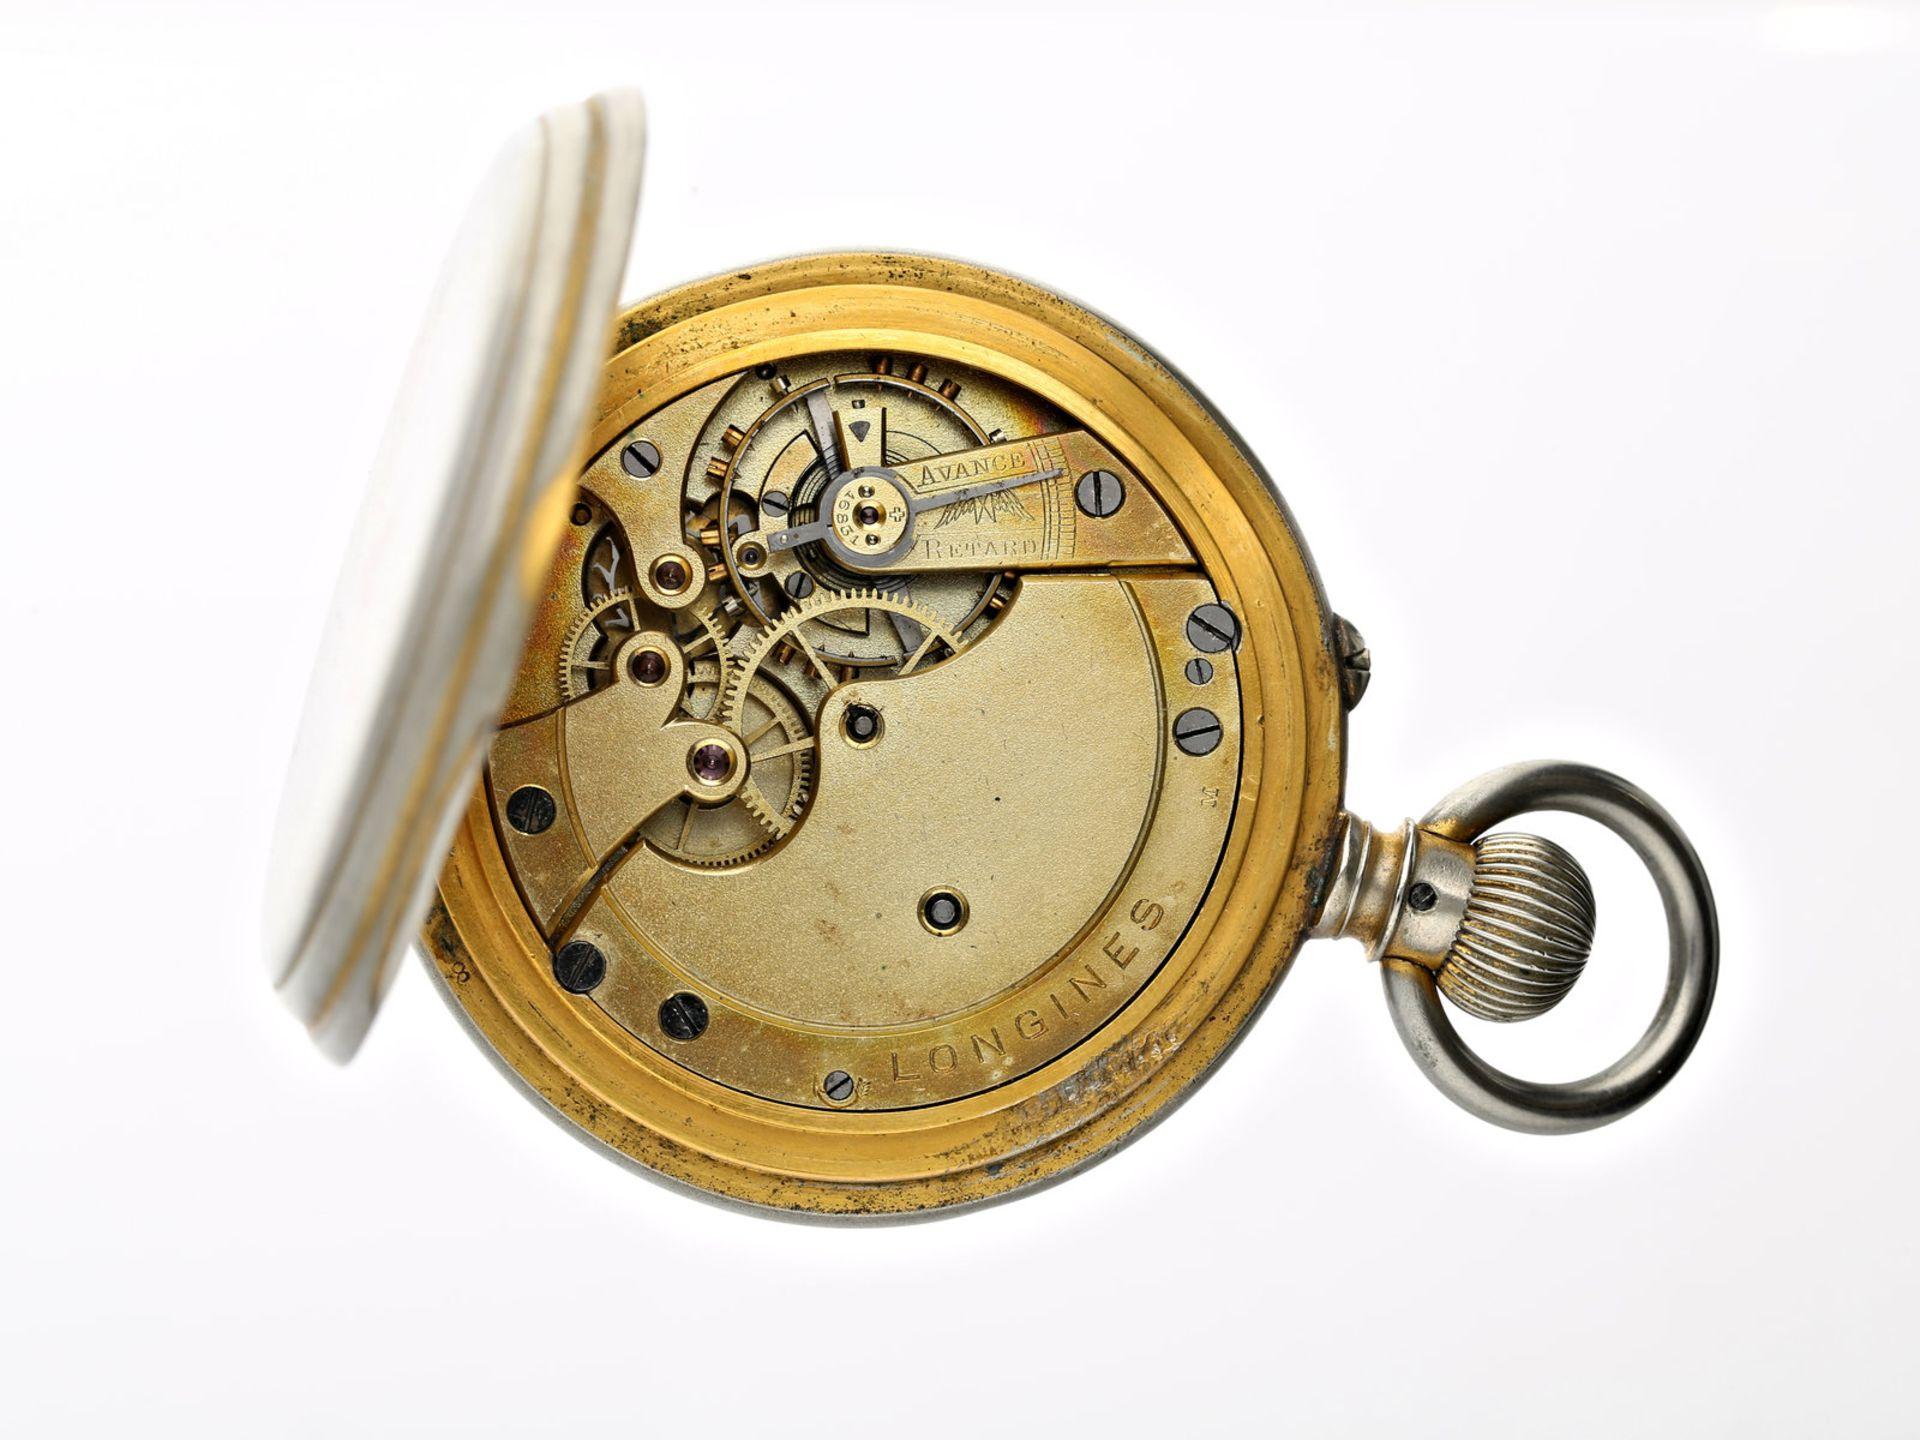 Taschenuhr: interessante und seltene Longines, Ankerchronometer, geliefert an Leuschars & Son, ca. - Bild 2 aus 2